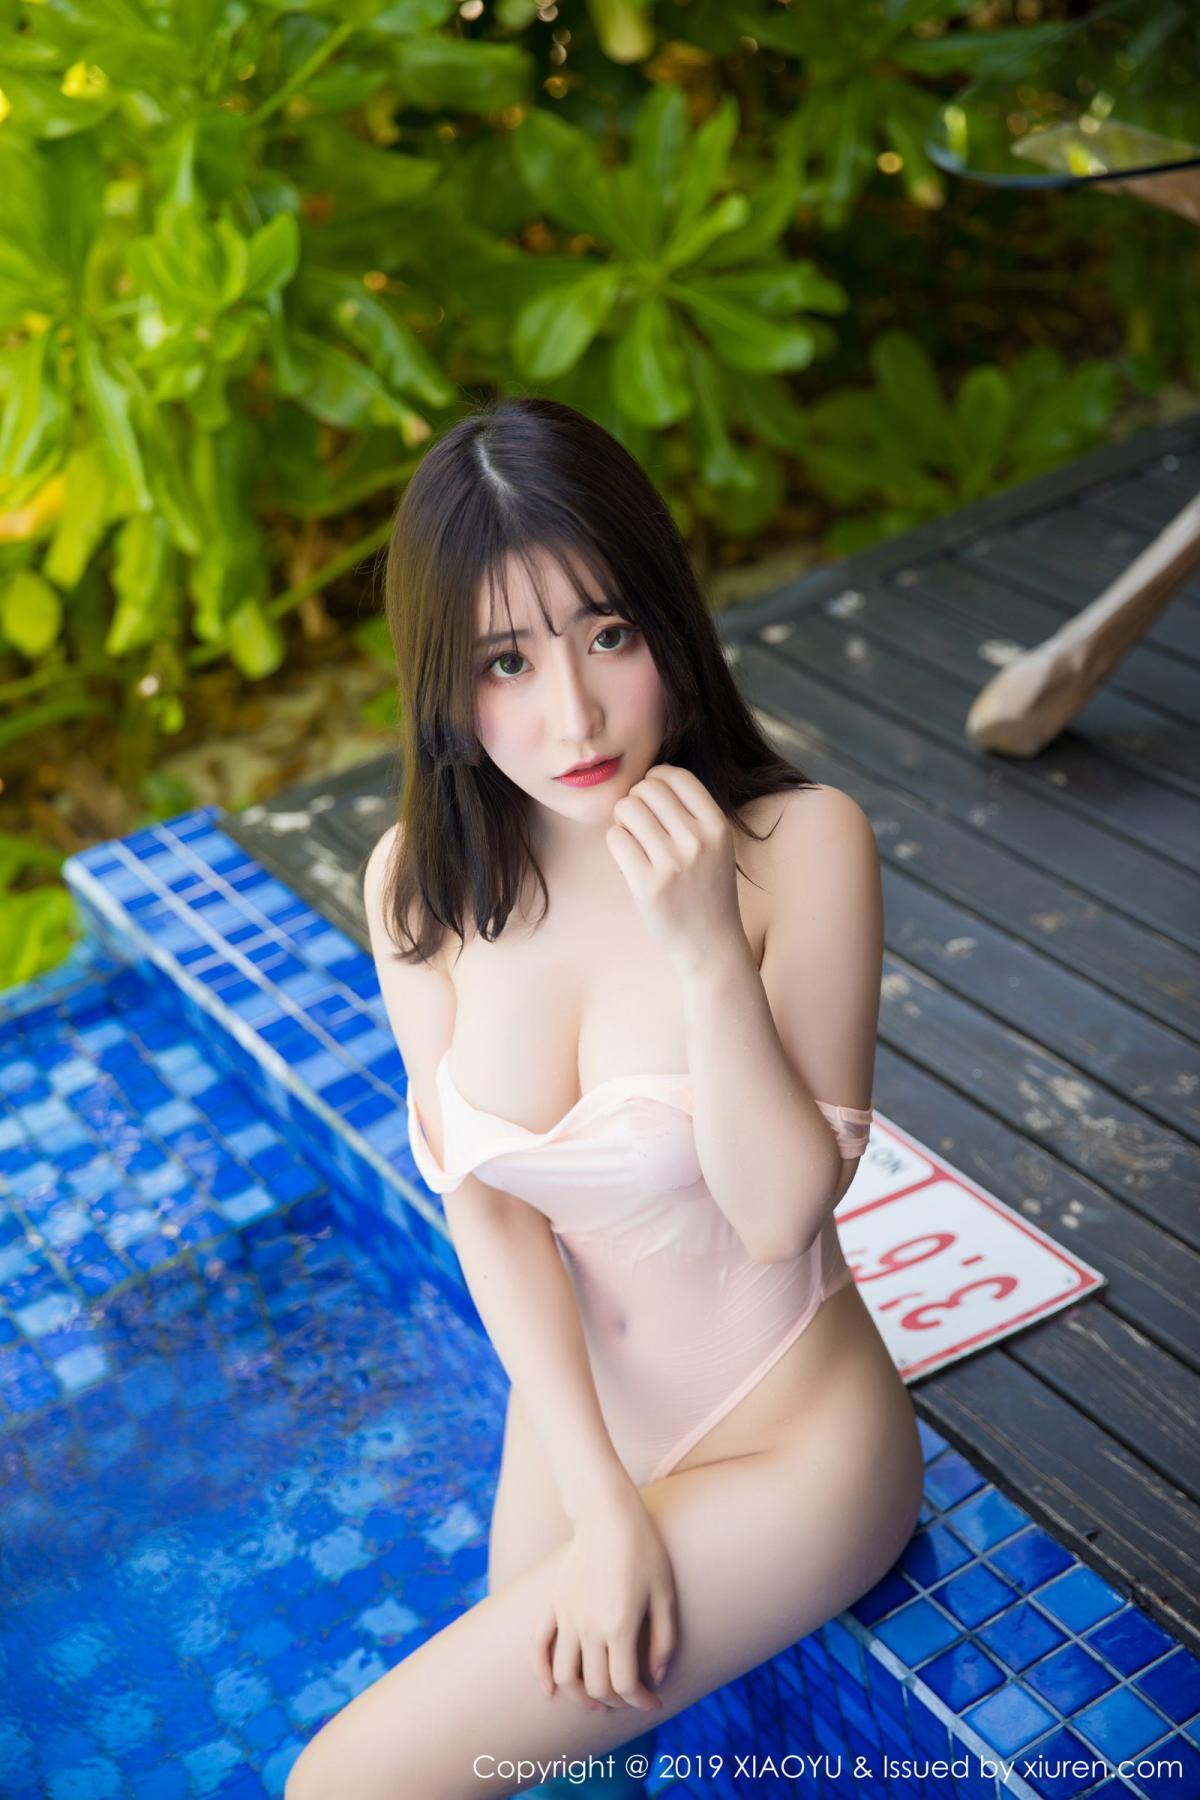 [XiaoYu] Vol.155 Xie Zhi Xin 41P, Bathroom, Big Booty, Wet, XiaoYu, Xie Zhi Xin